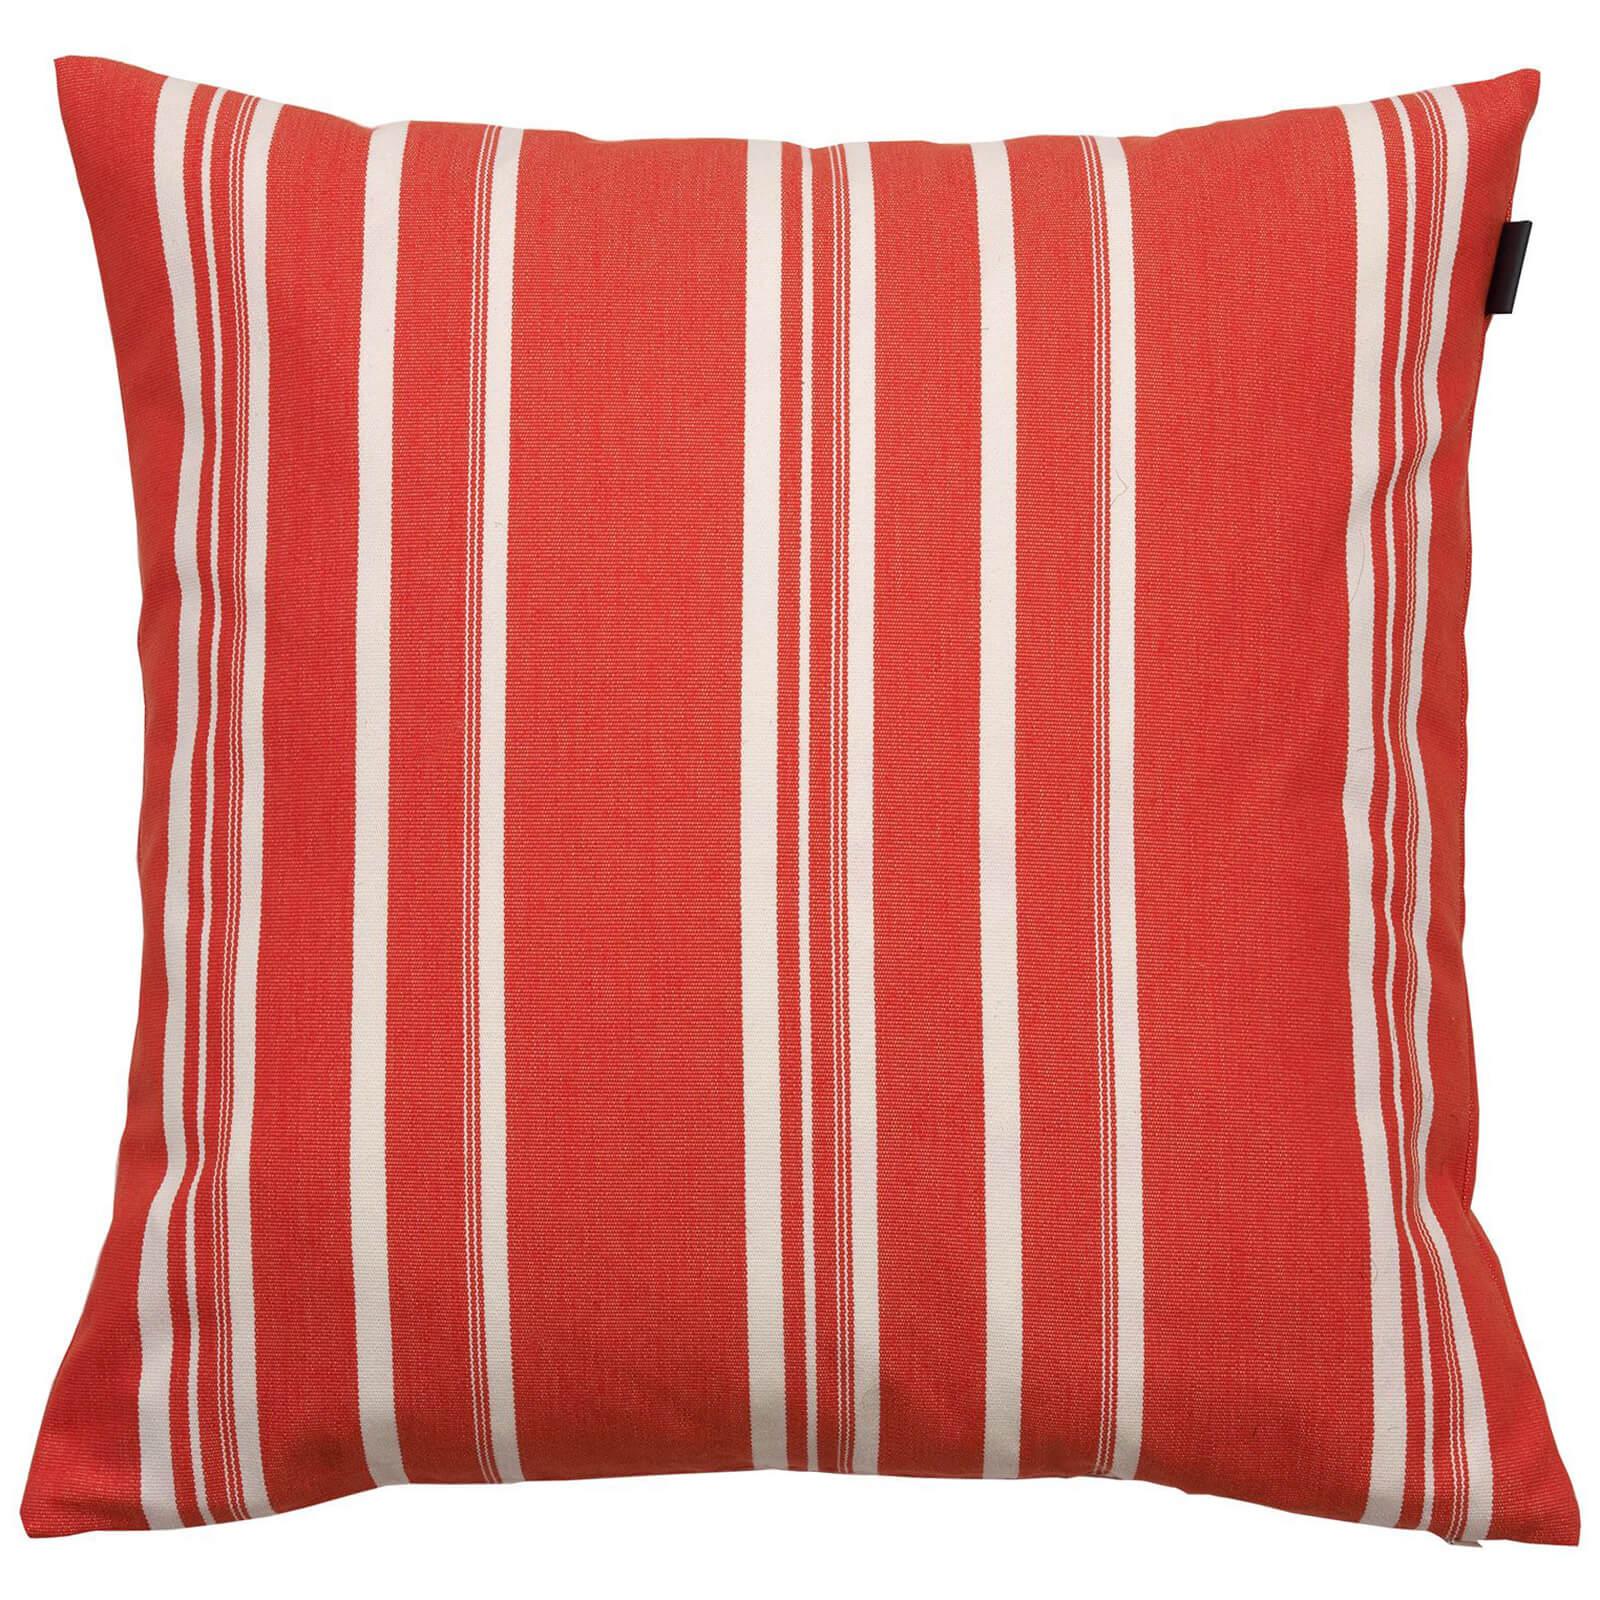 GANT Home Strip Stripe Cushion - 161